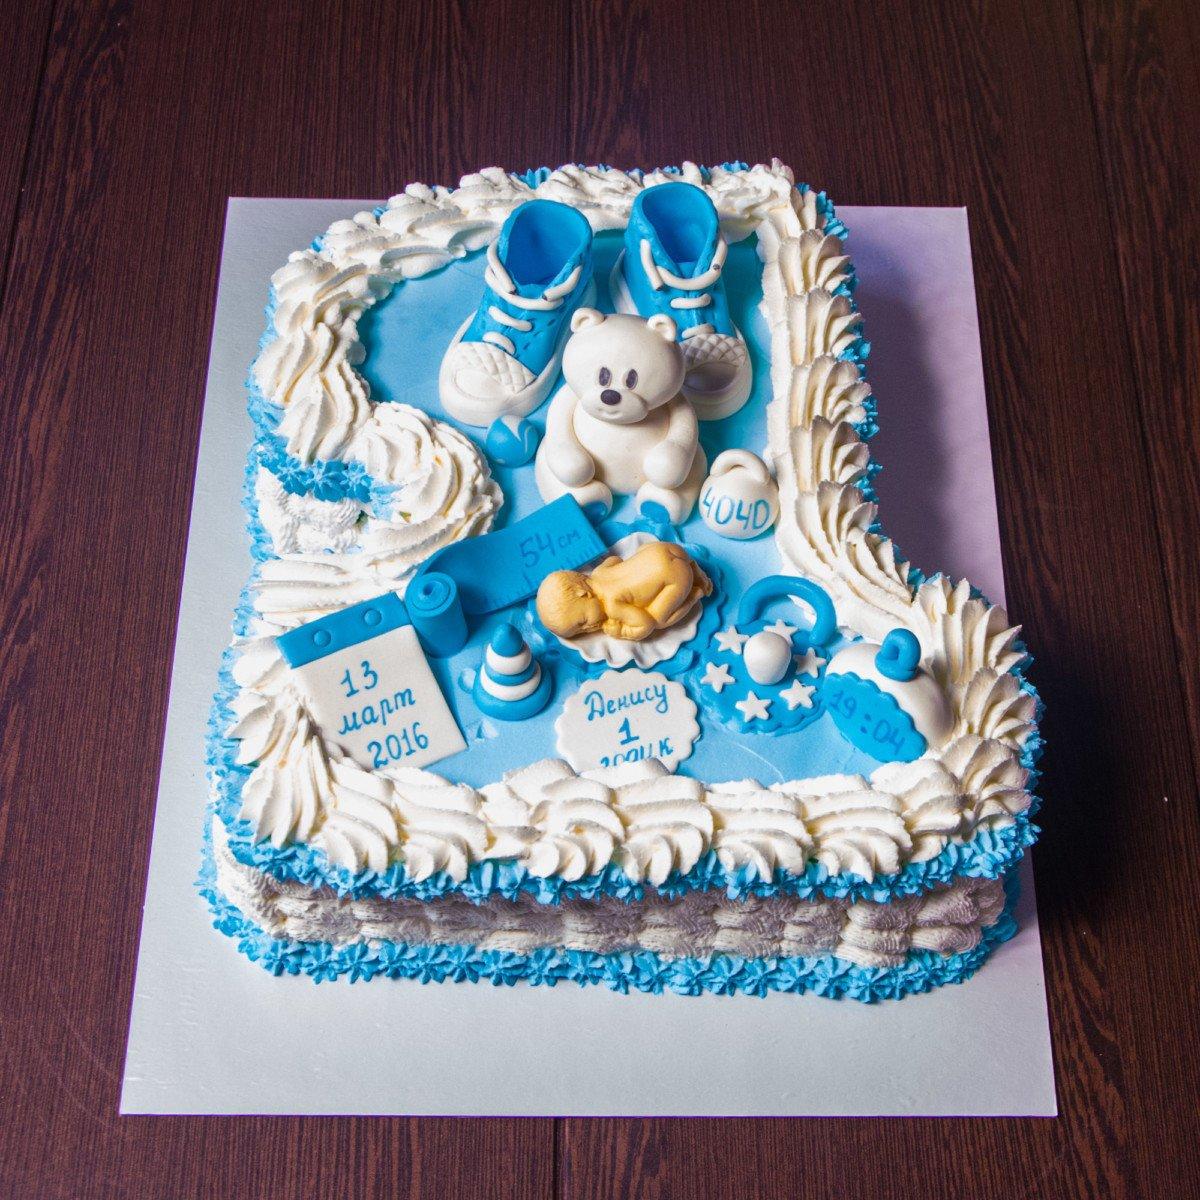 картинка для торта на годик работал